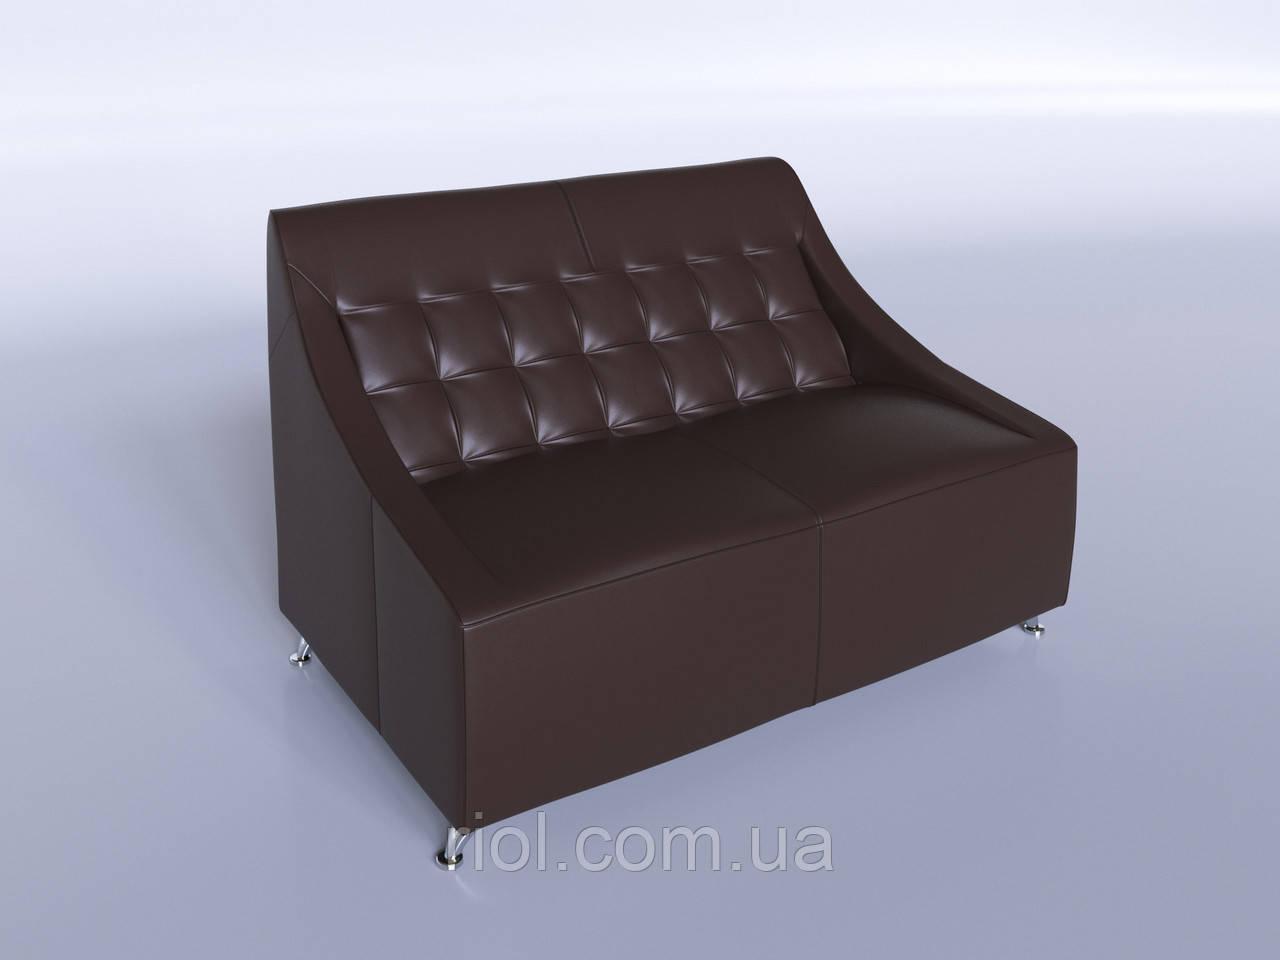 Офисный диван Полис коричневый